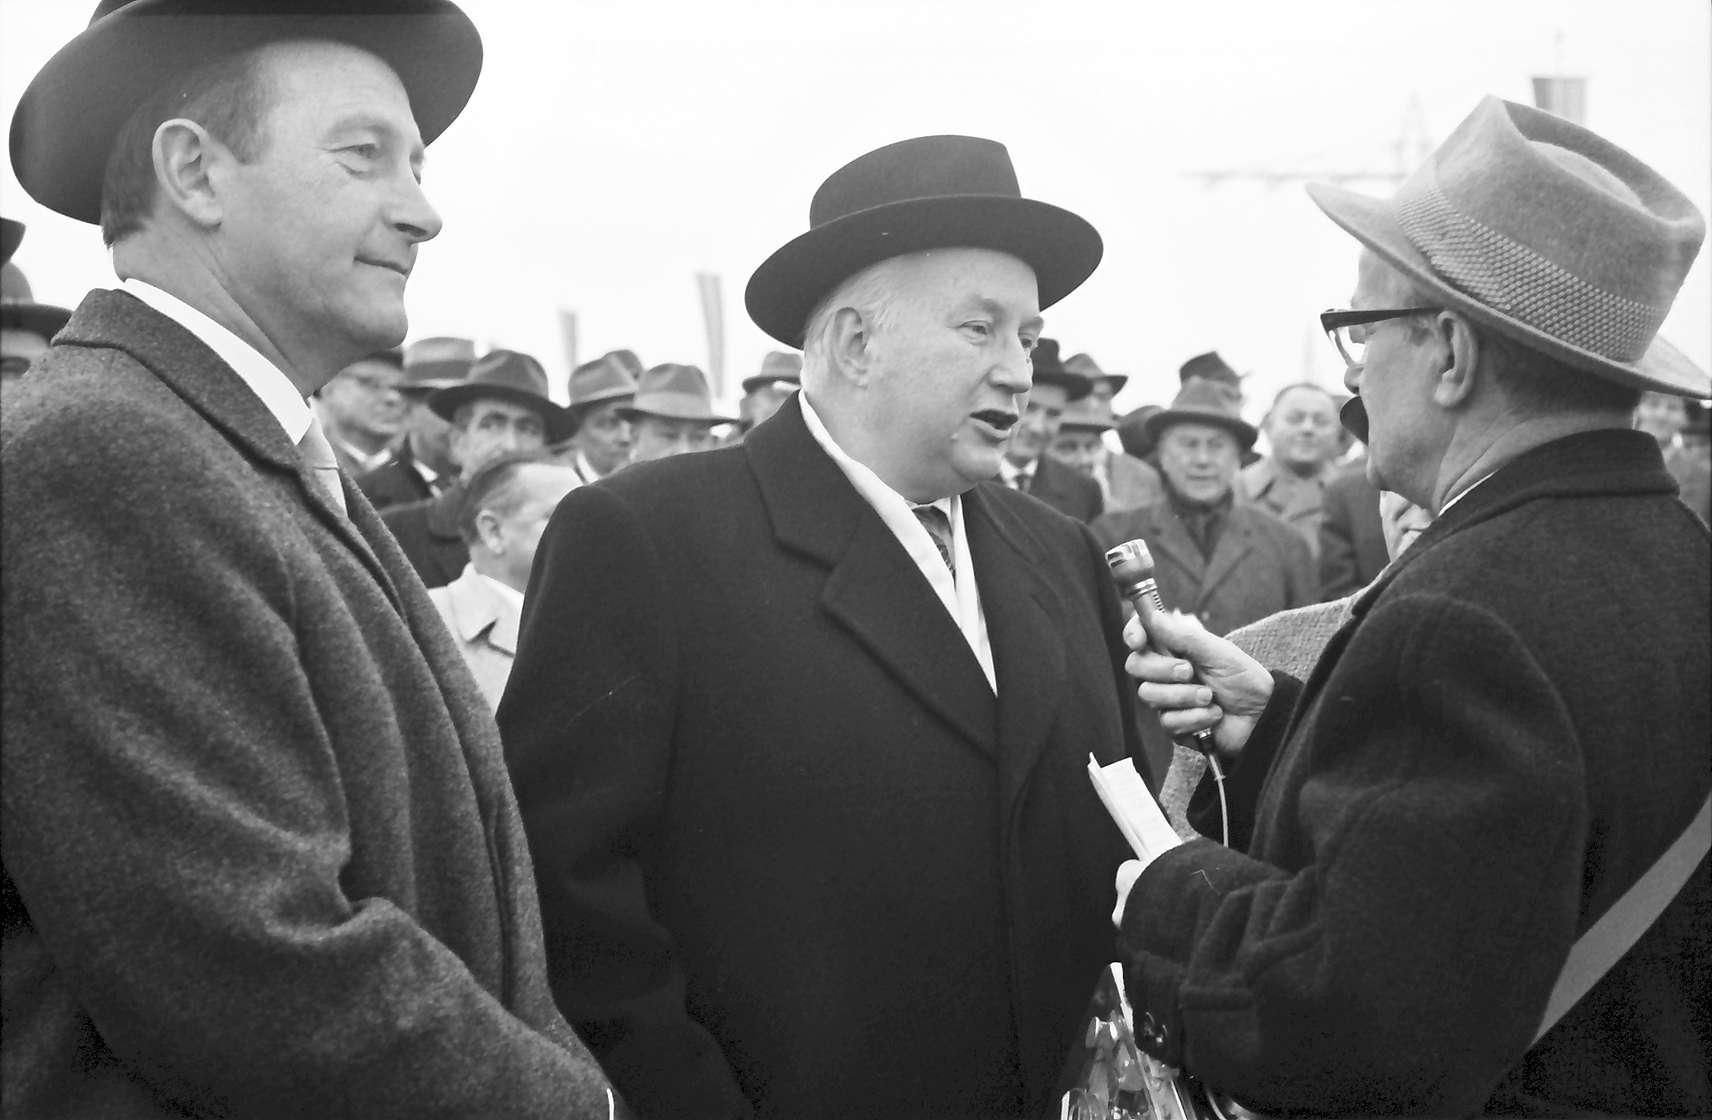 Riegel: Bei der Autobahneröffnung: Minister Filbinger, Verkehrsminister Seebohm; Reihe der Ehrengäste, Bild 1